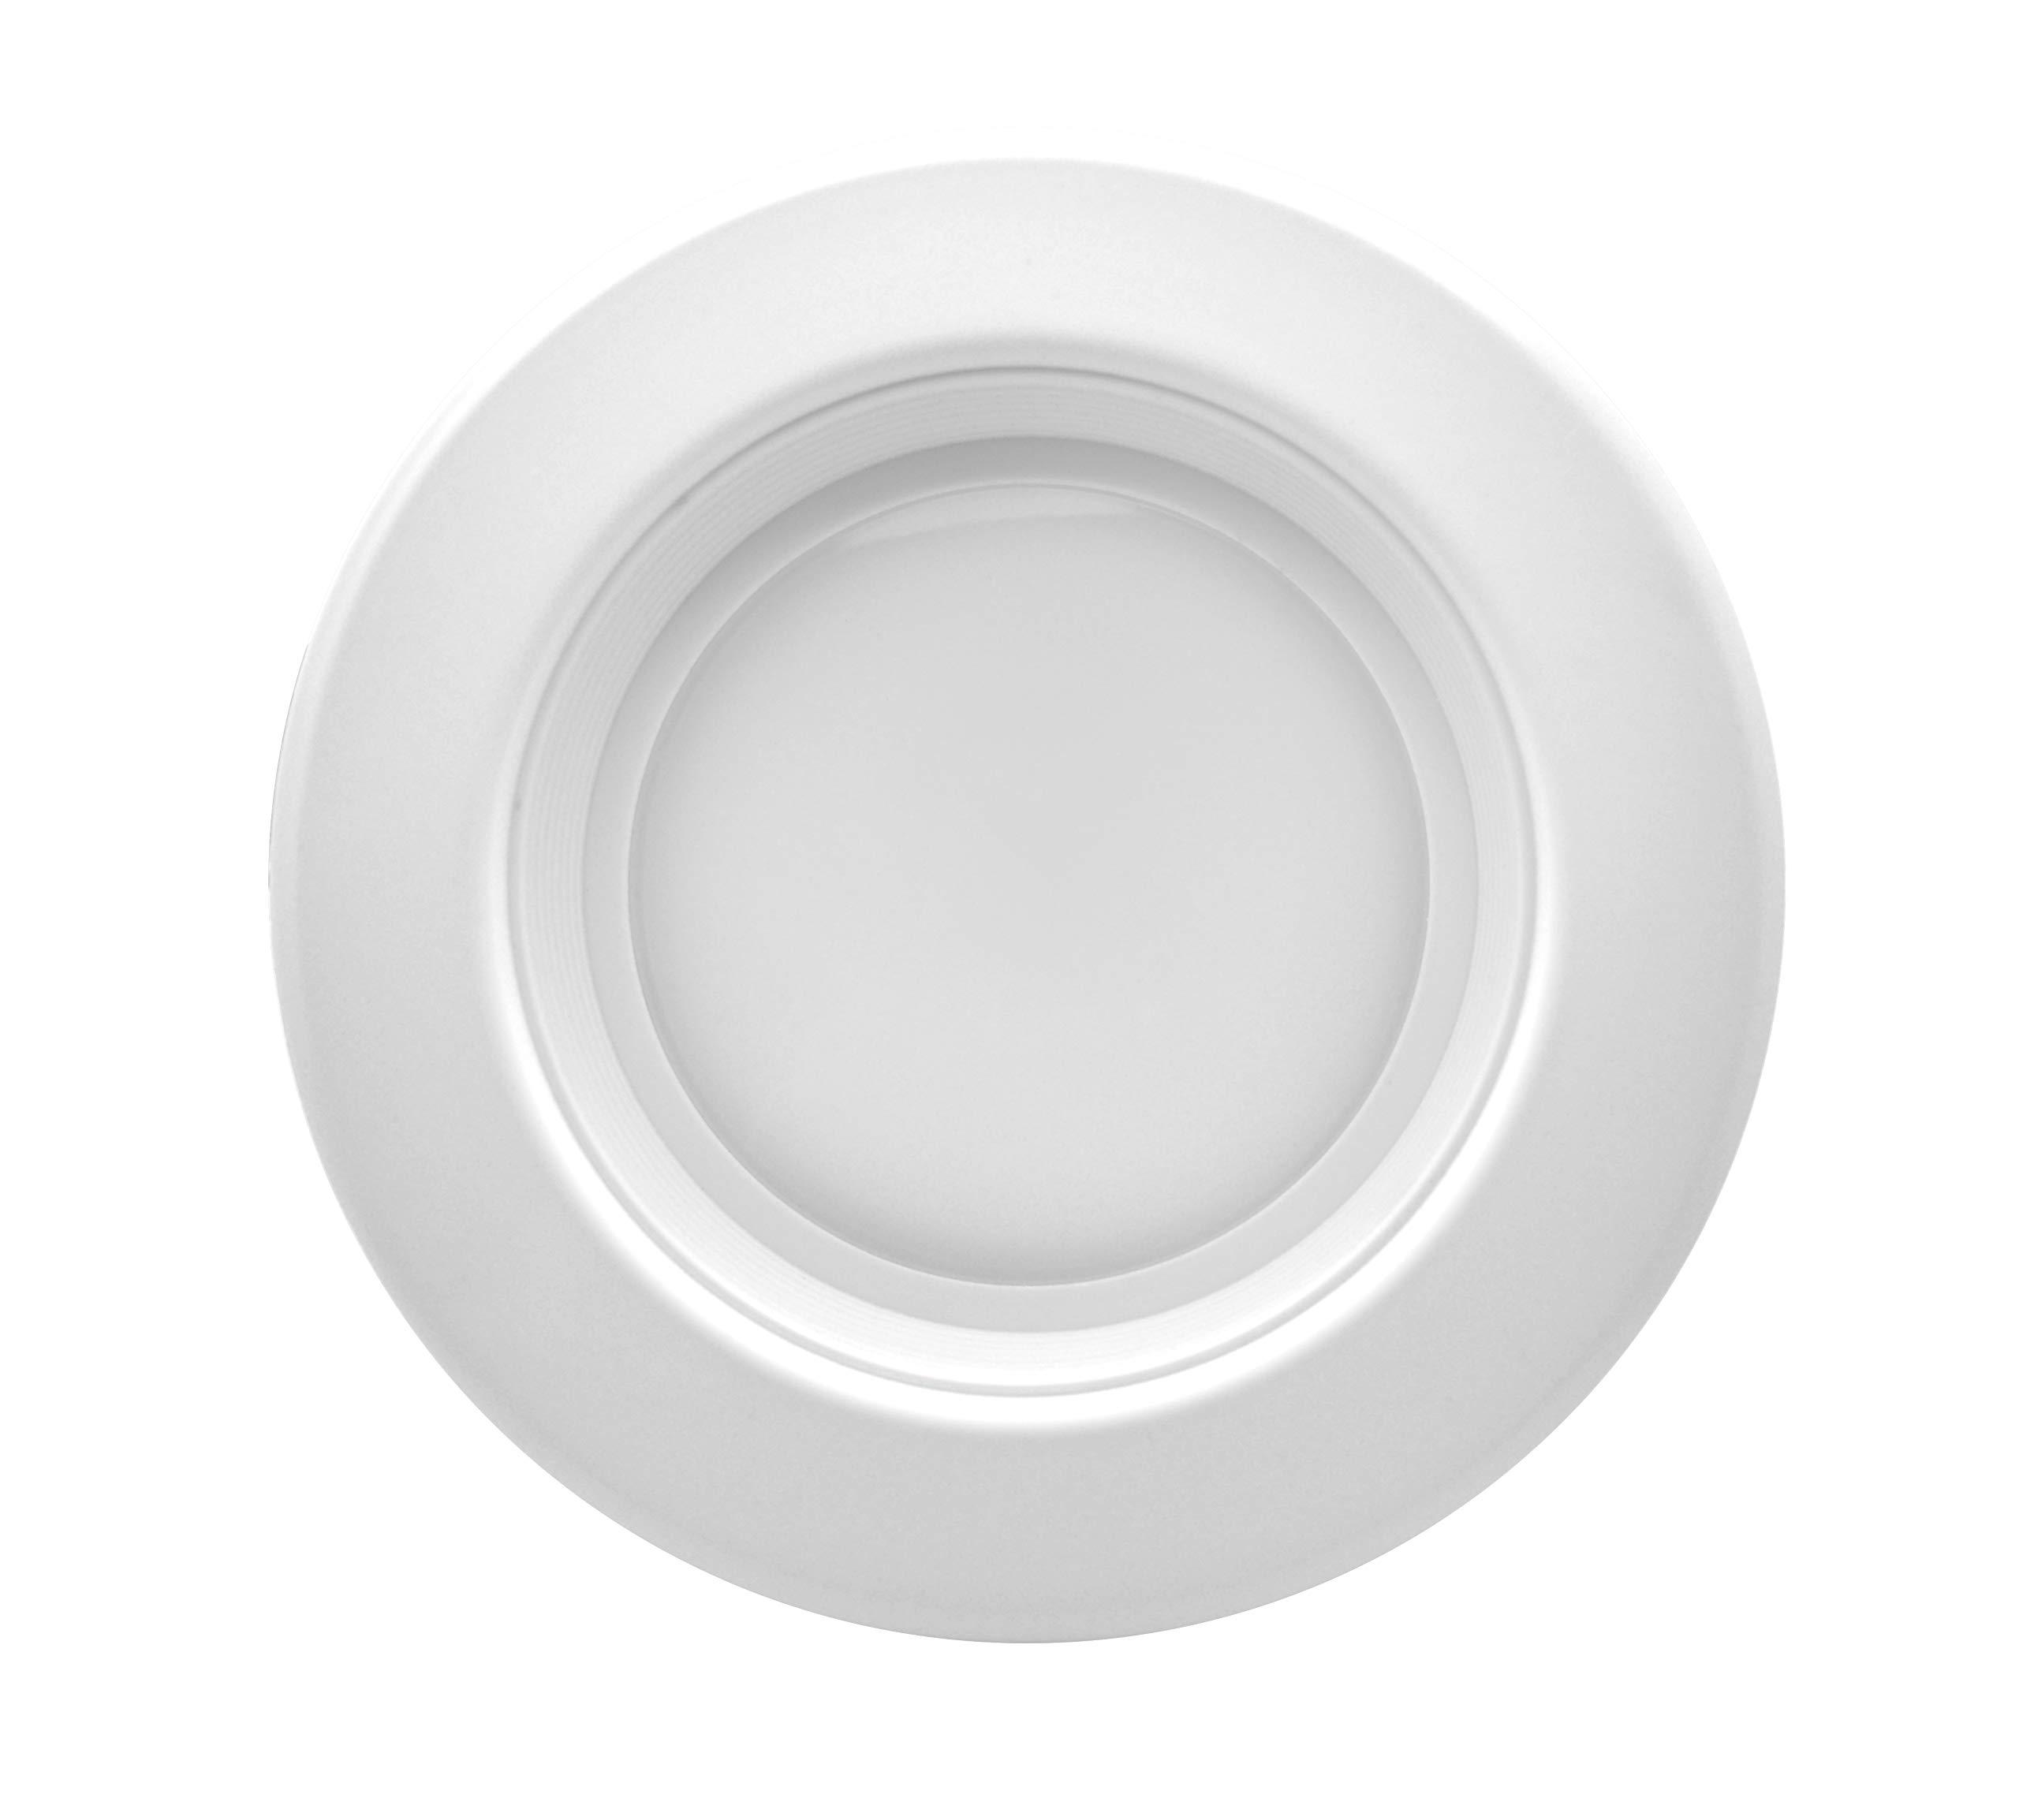 Bioluz LEDベベル11 W 4